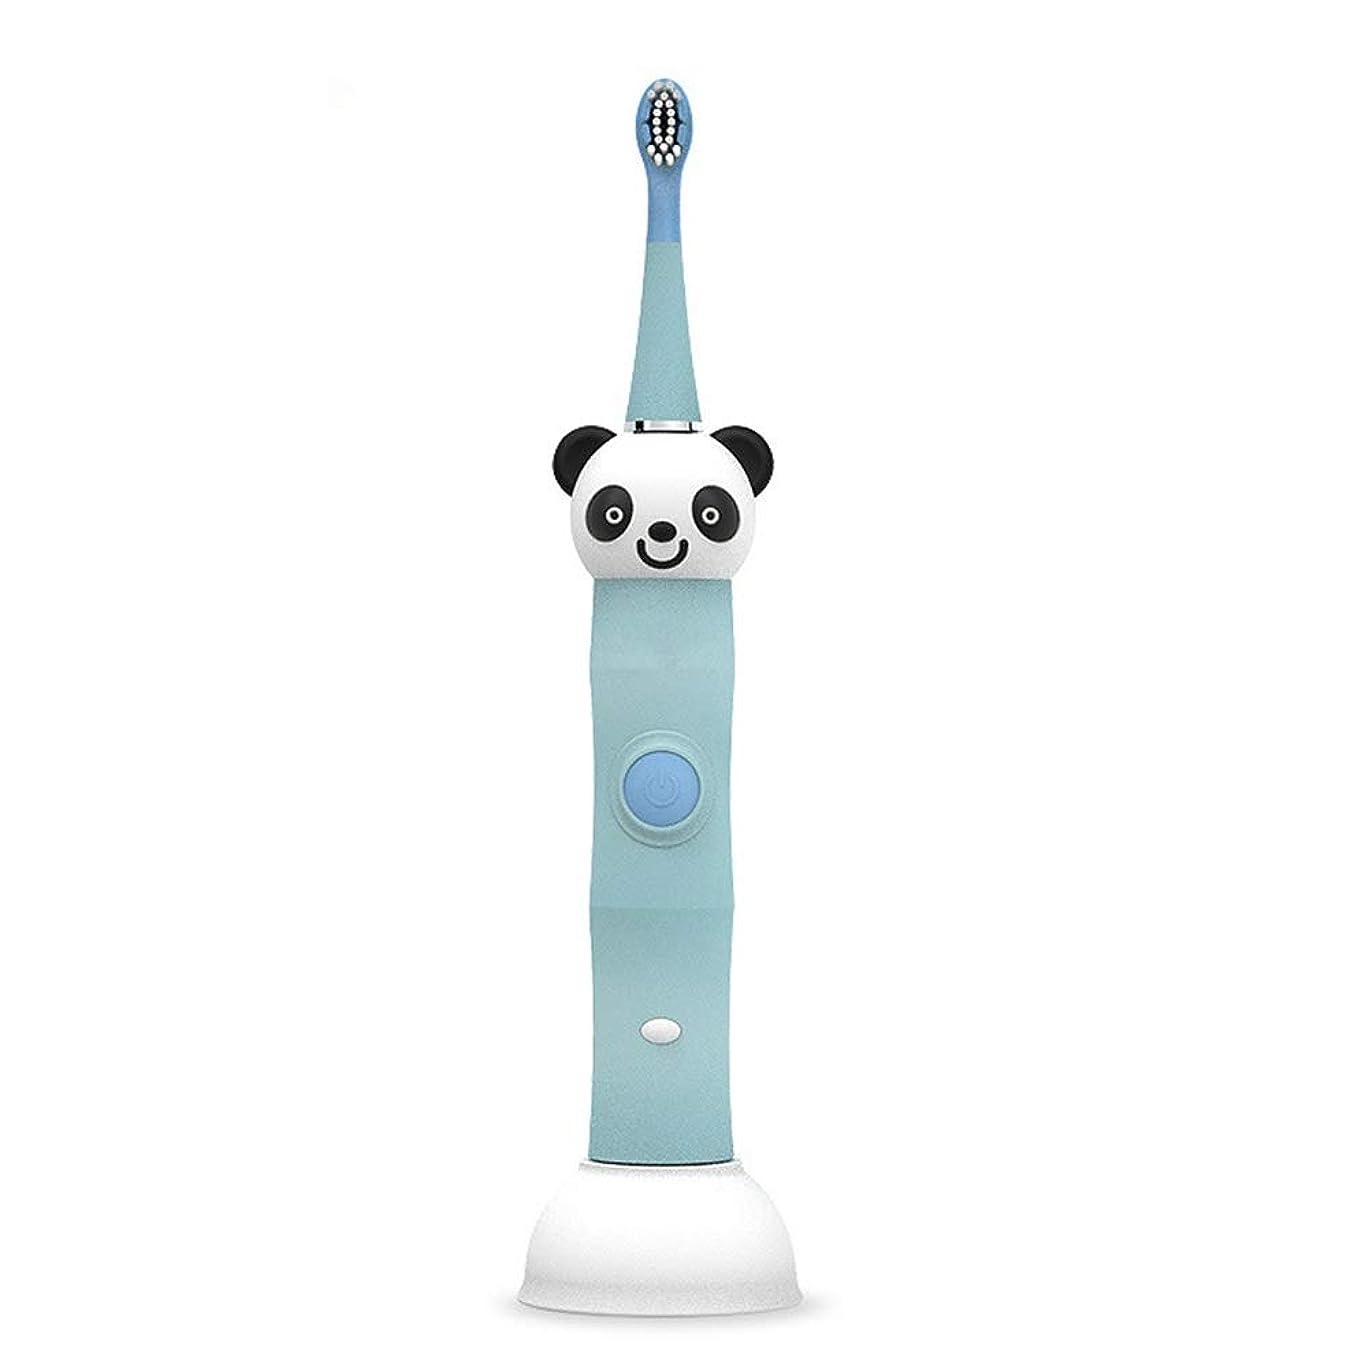 万一に備えてとても多くの空電動歯ブラシ 子供の電気歯ブラシの柔らかい毛USBの充満基盤と防水きれいな歯ブラシ (色 : 青, サイズ : Free size)